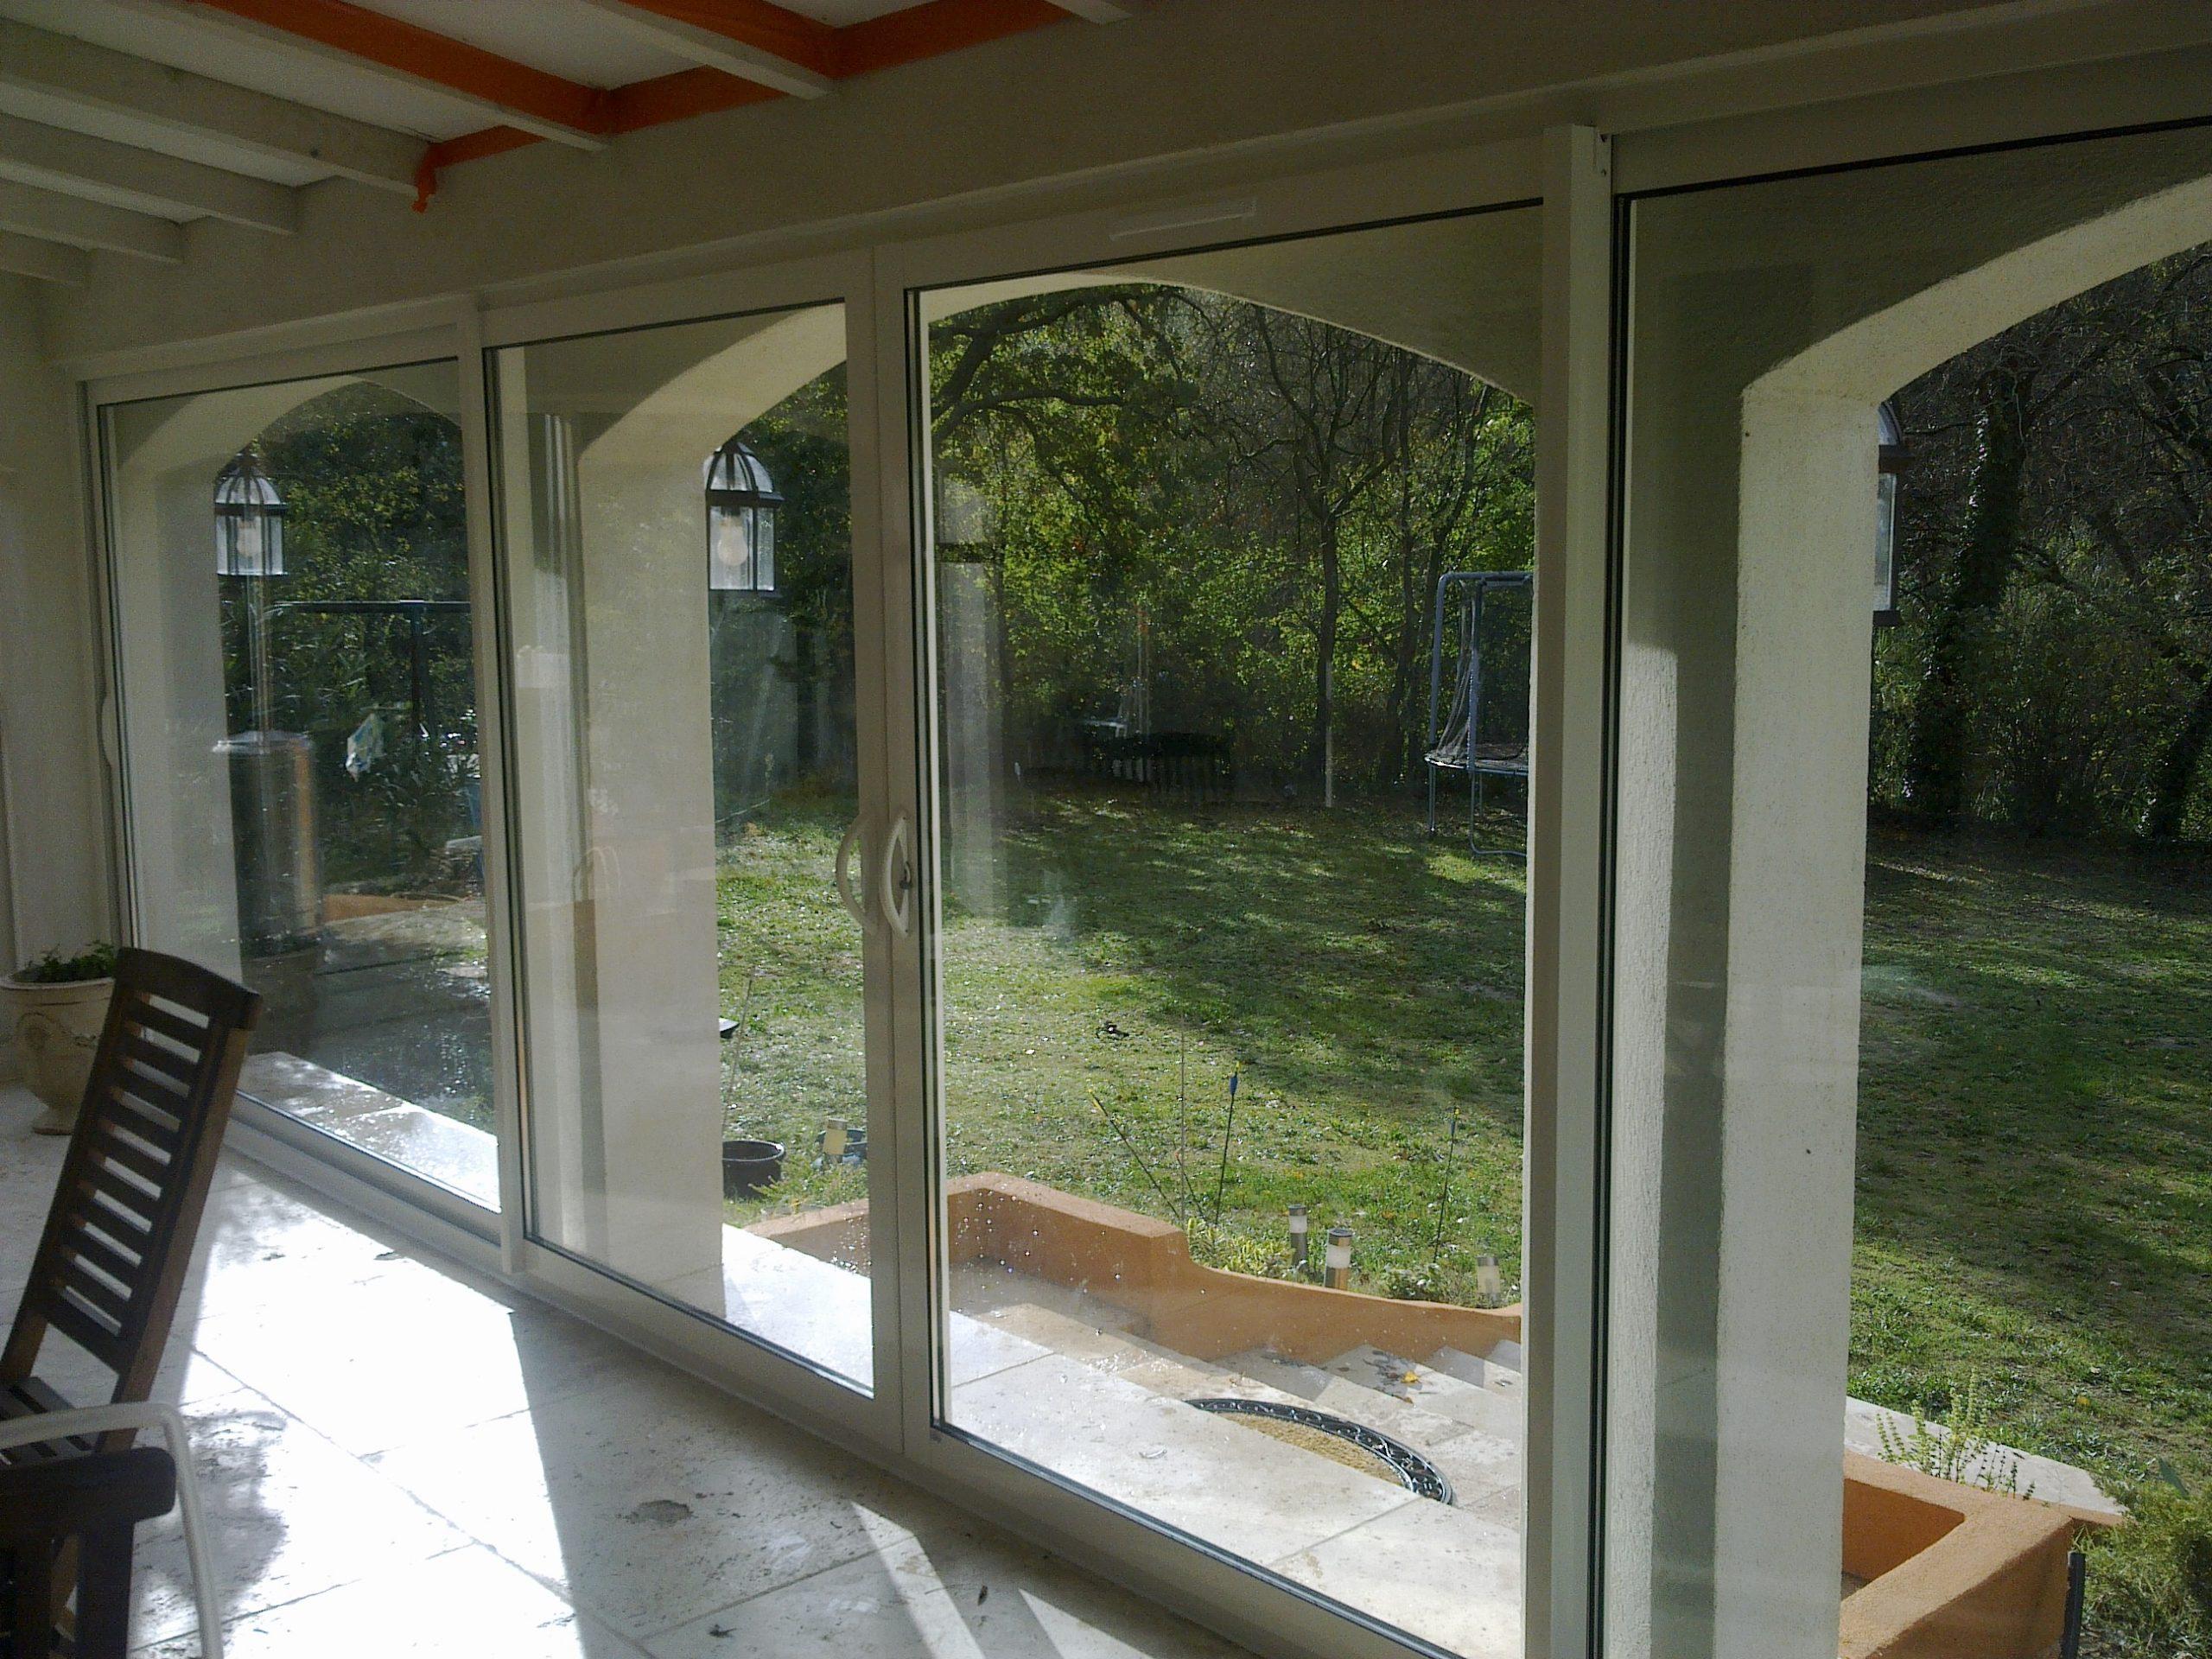 Fermeture De Terrasse Couverte Marseille - Technic Habitat avec Terrasse Couverte Fermée